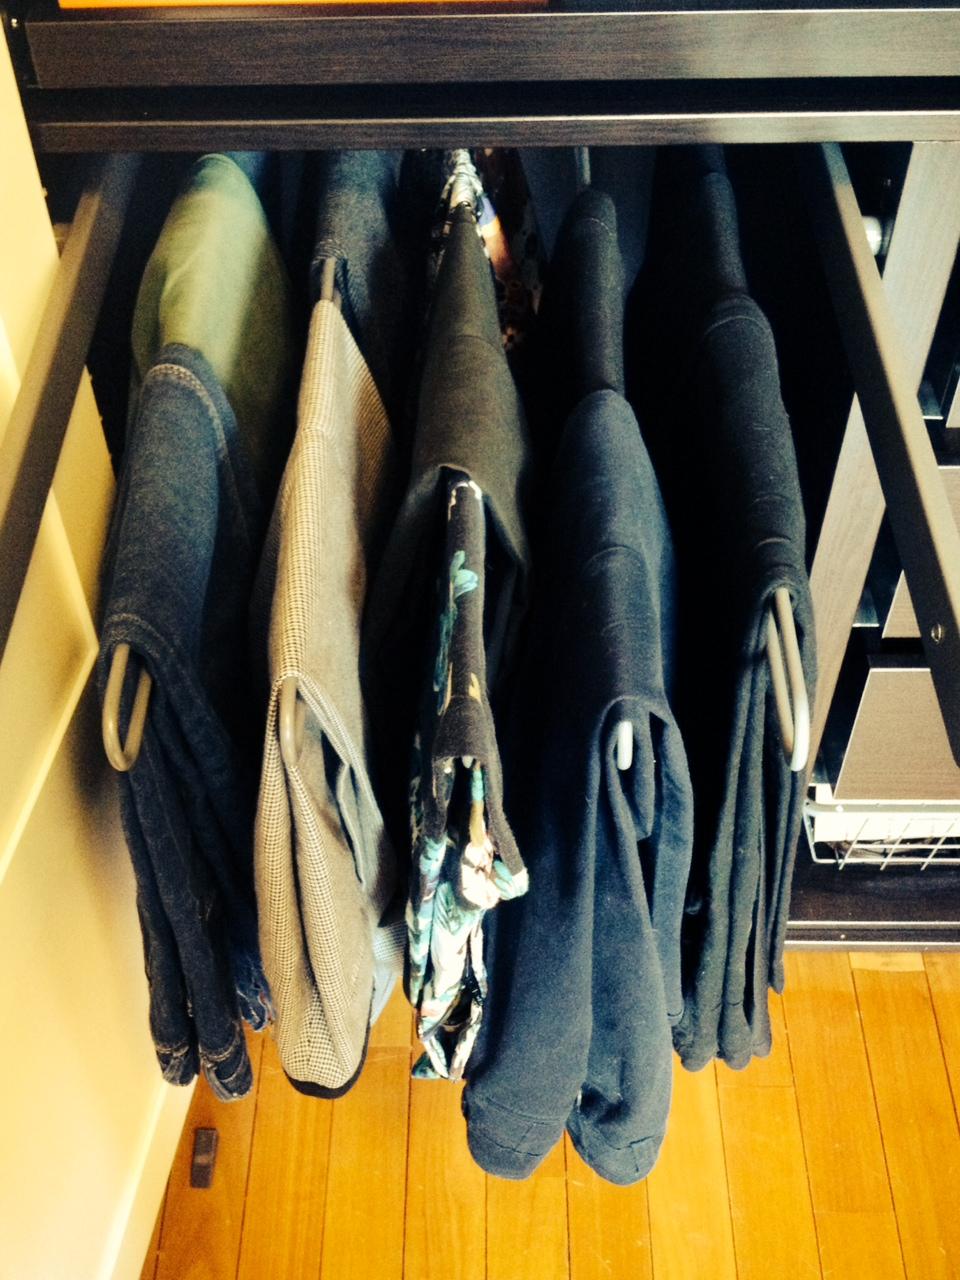 Sos armadio organizziamo il guardaroba blog - Scatole porta indumenti ...